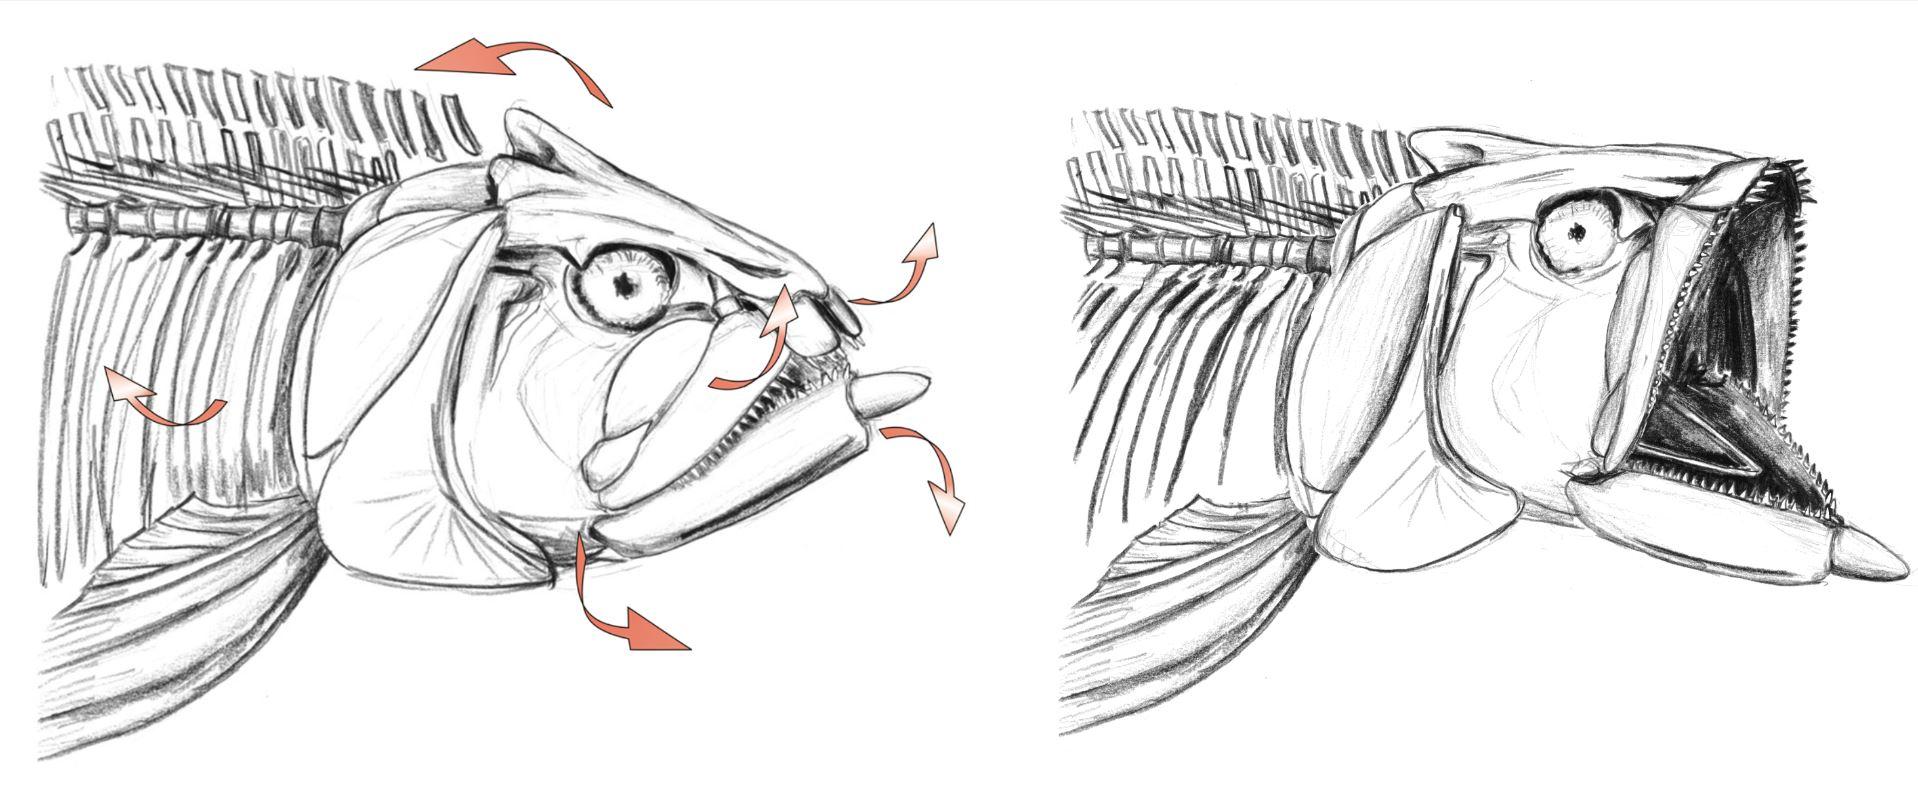 ouverture des mâchoires chez les ichthyodectiformes